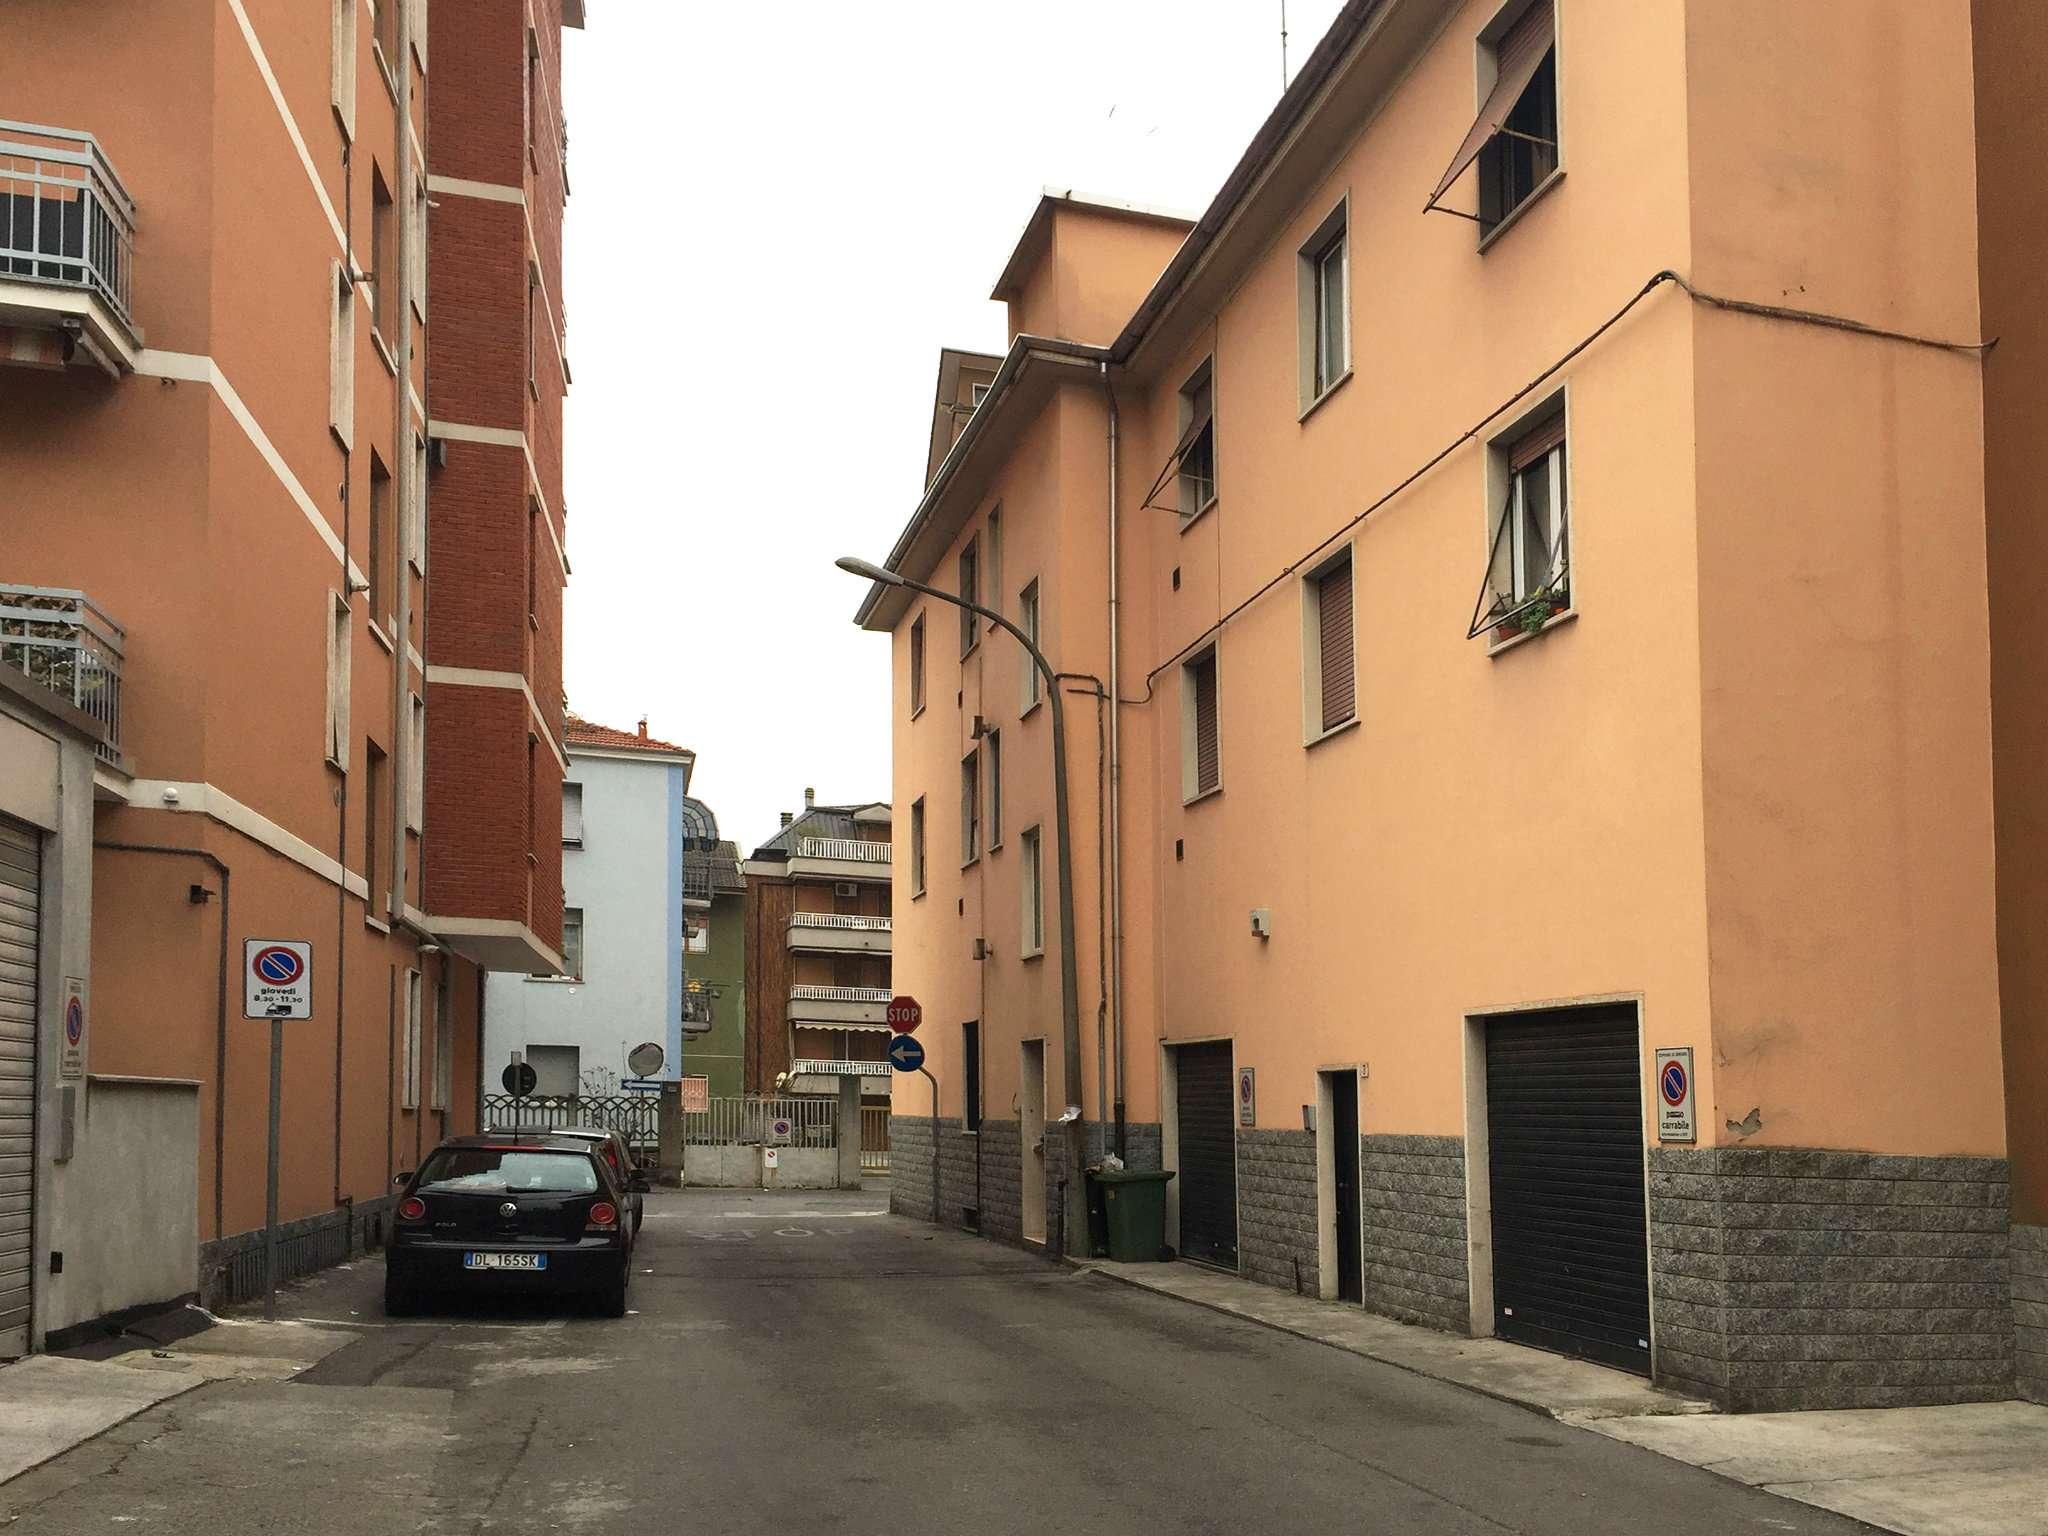 Palazzo / Stabile in vendita a Bresso, 20 locali, prezzo € 760.000 | CambioCasa.it